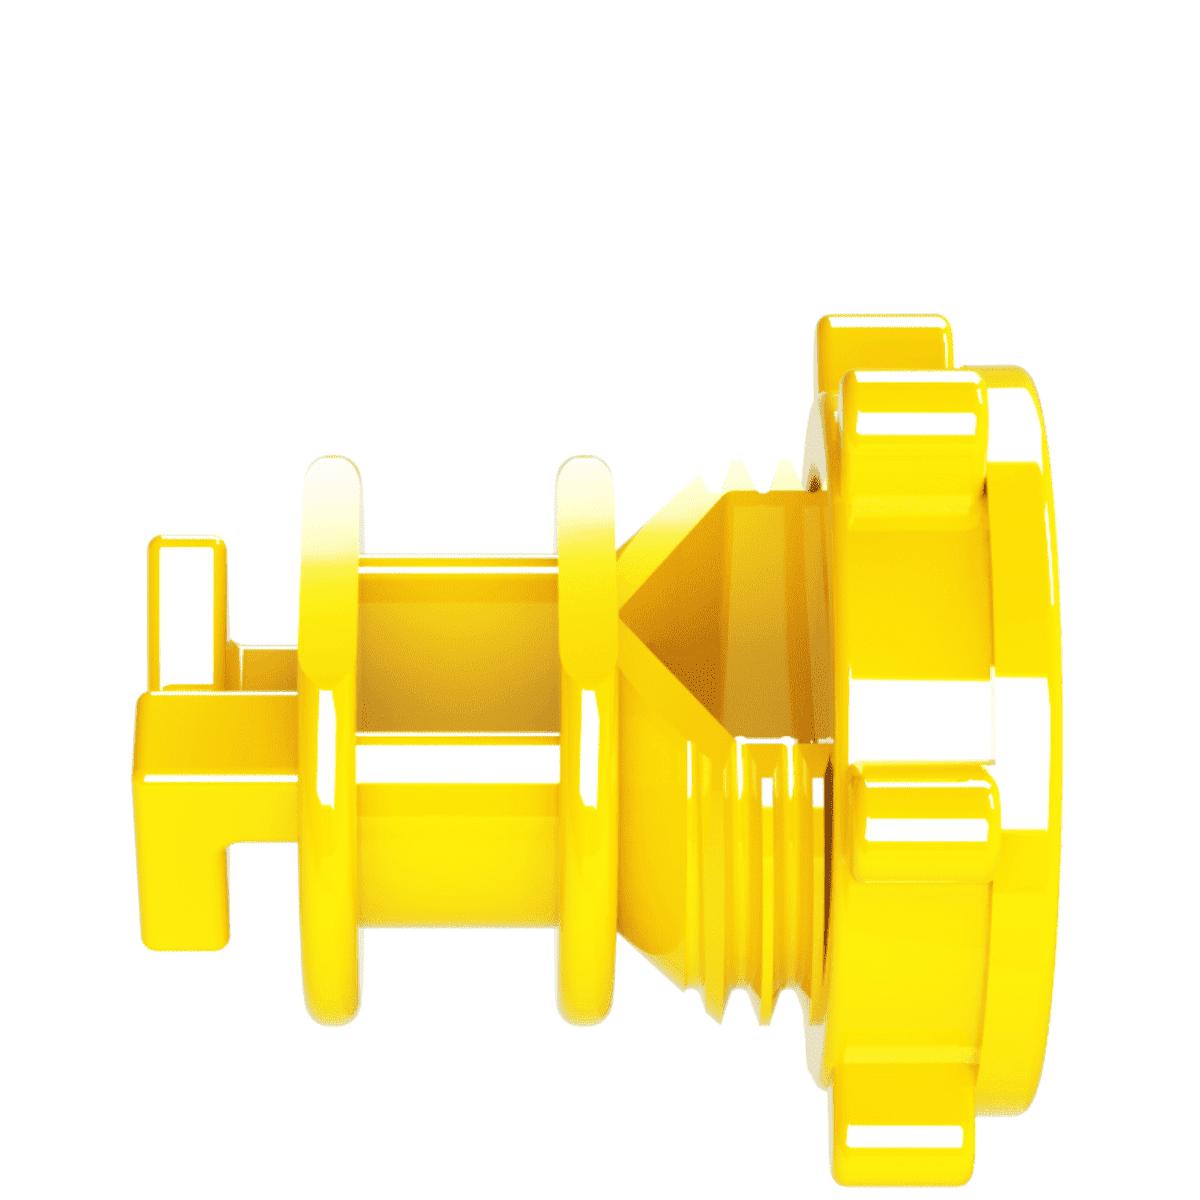 Isolador Vergalhão Rosca Amarelo Cerca Elétrica Rural Residencial Industrial Pacote 500 Unidades  - Ambientude Agro e Pet